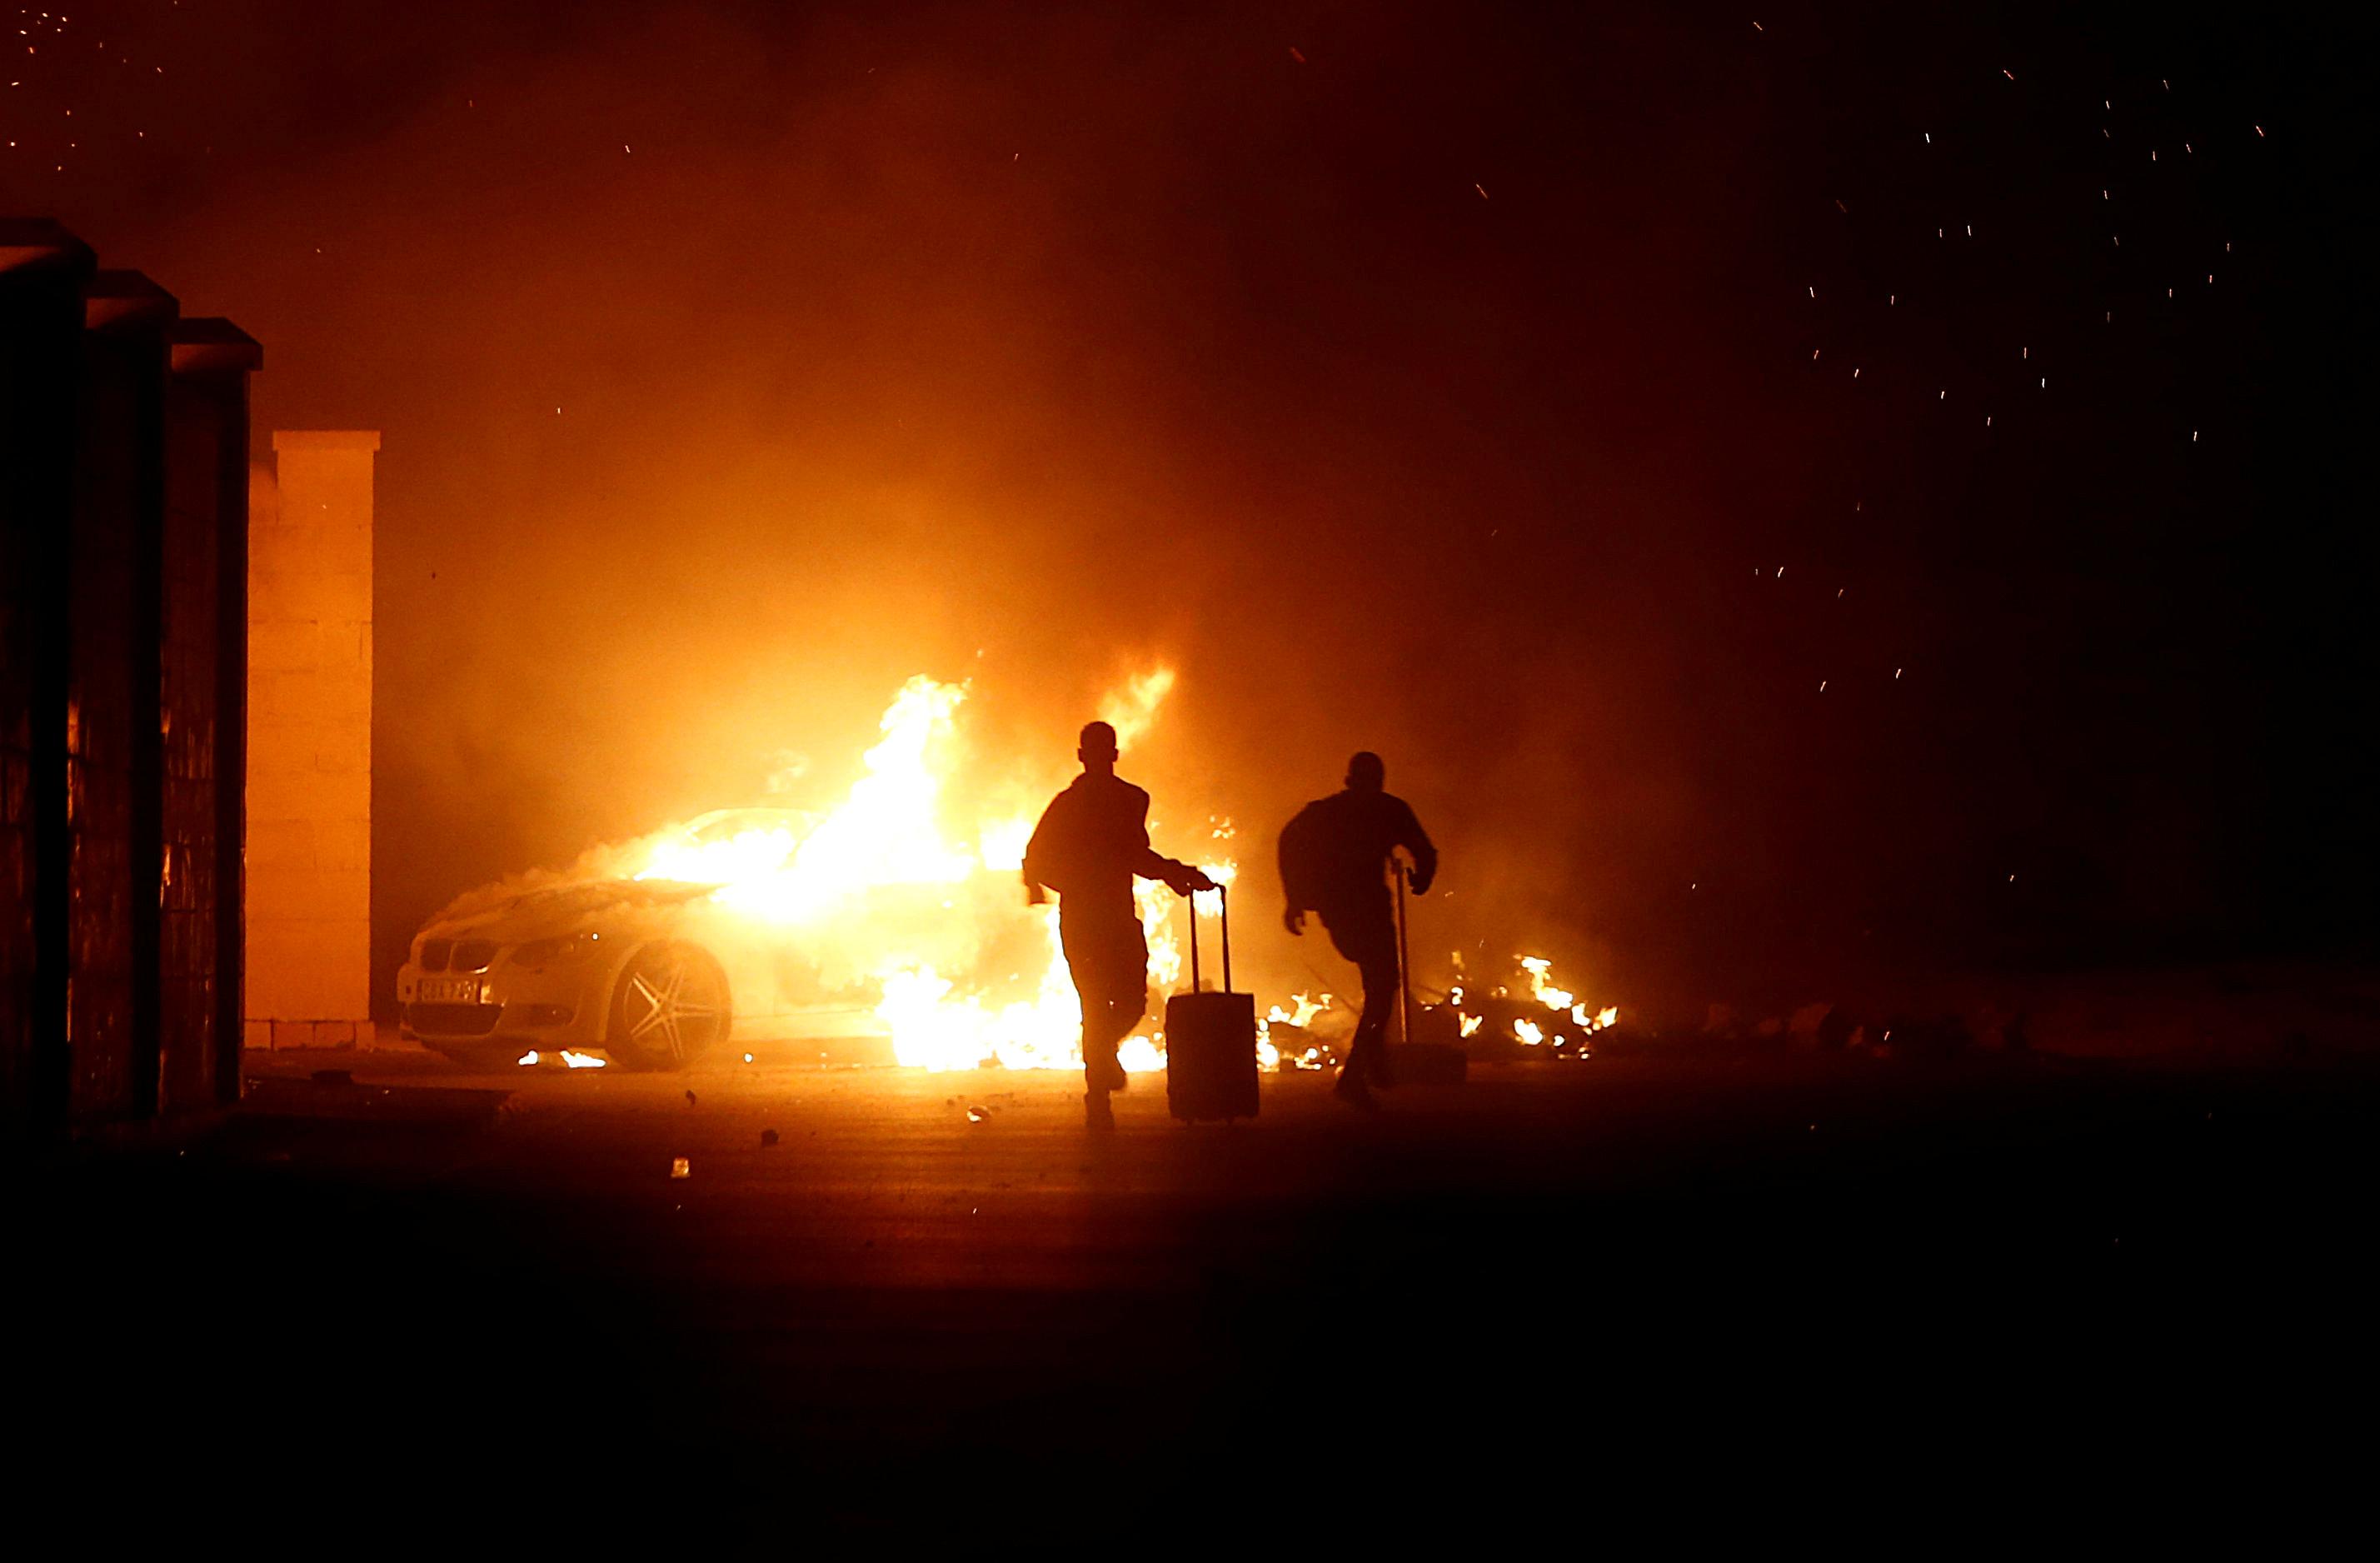 Μάλτα: Επεισόδια σε κέντρο κράτησης μεταναστών – Φωτιά σε αυτοκίνητα και ένας τραυματίας